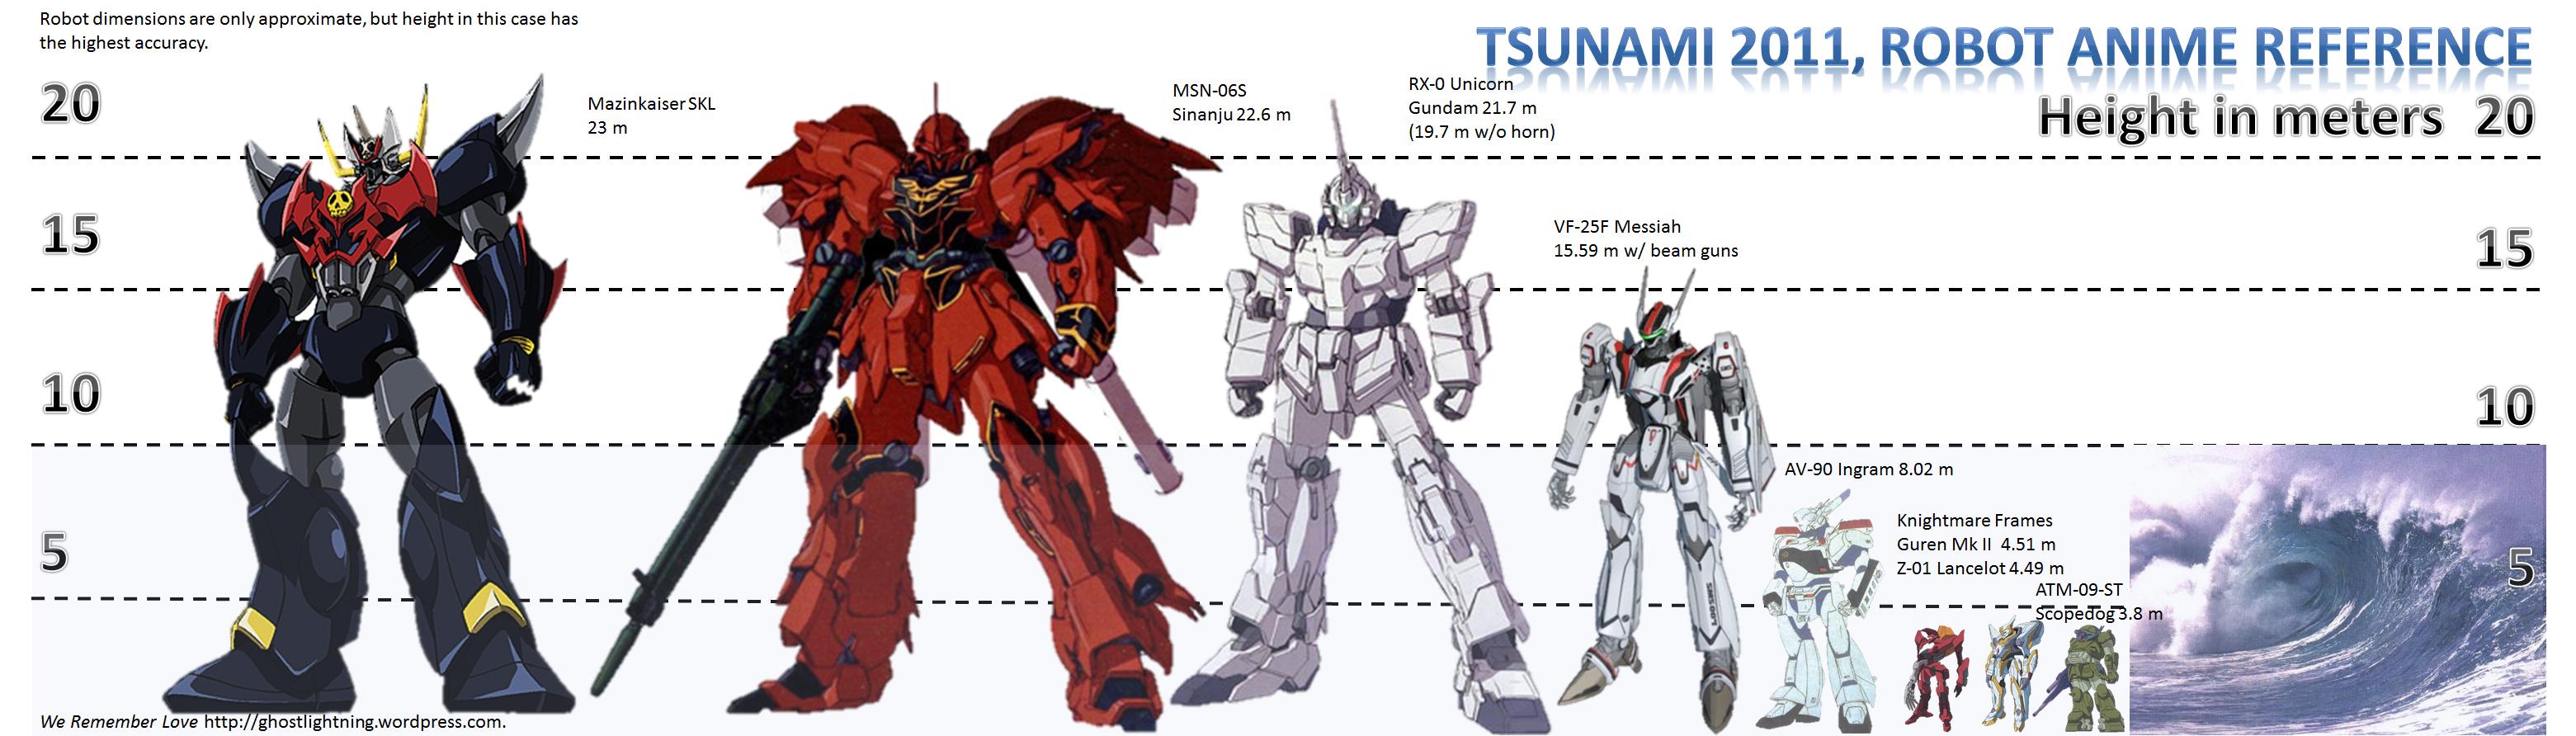 tsunami 2011 robot anime reference chart